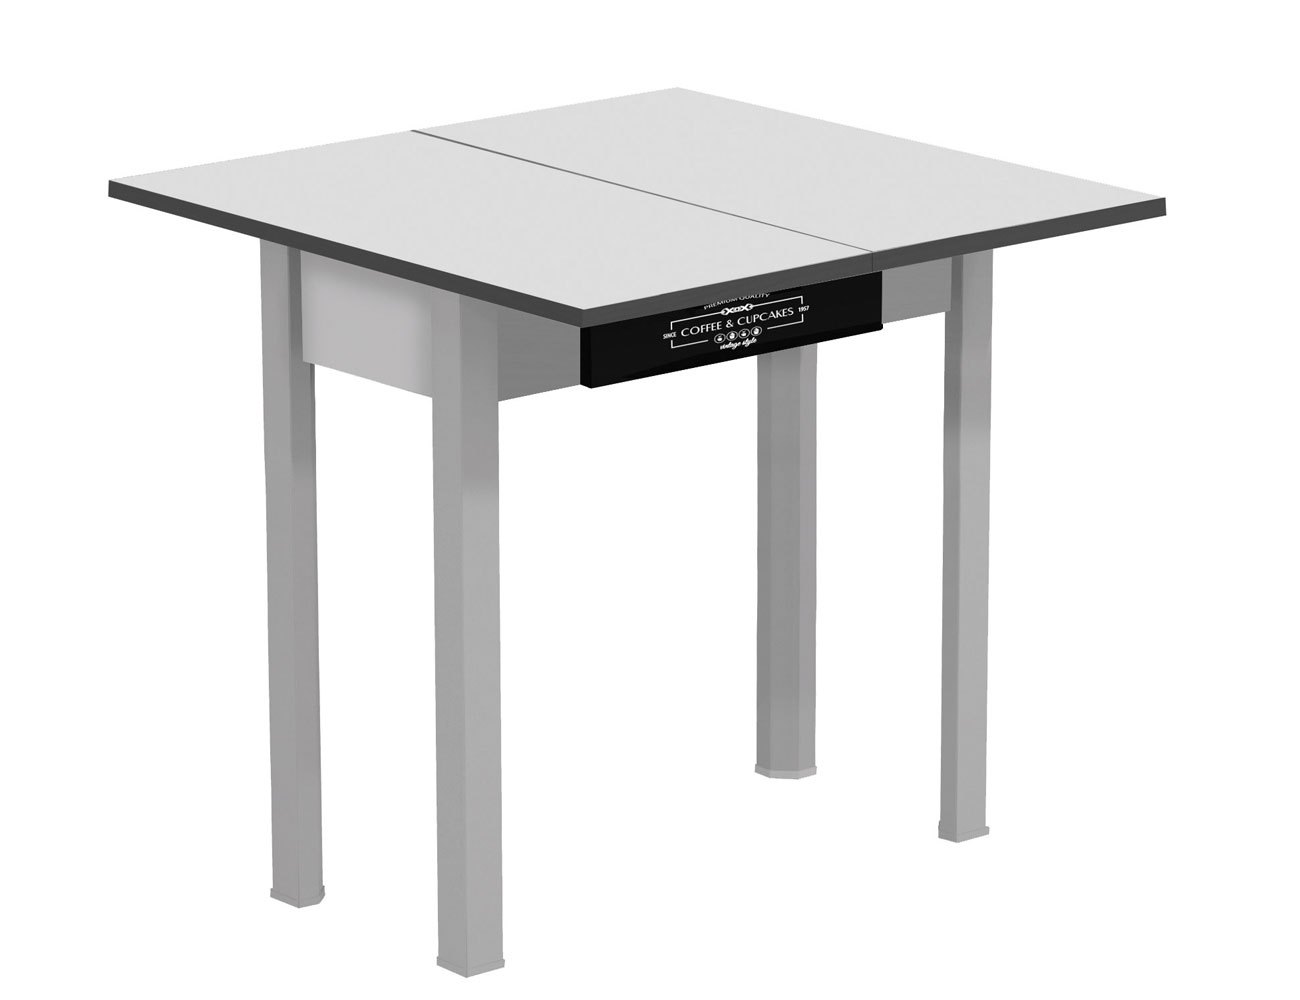 Mesa cocina tipo libro blanca 226